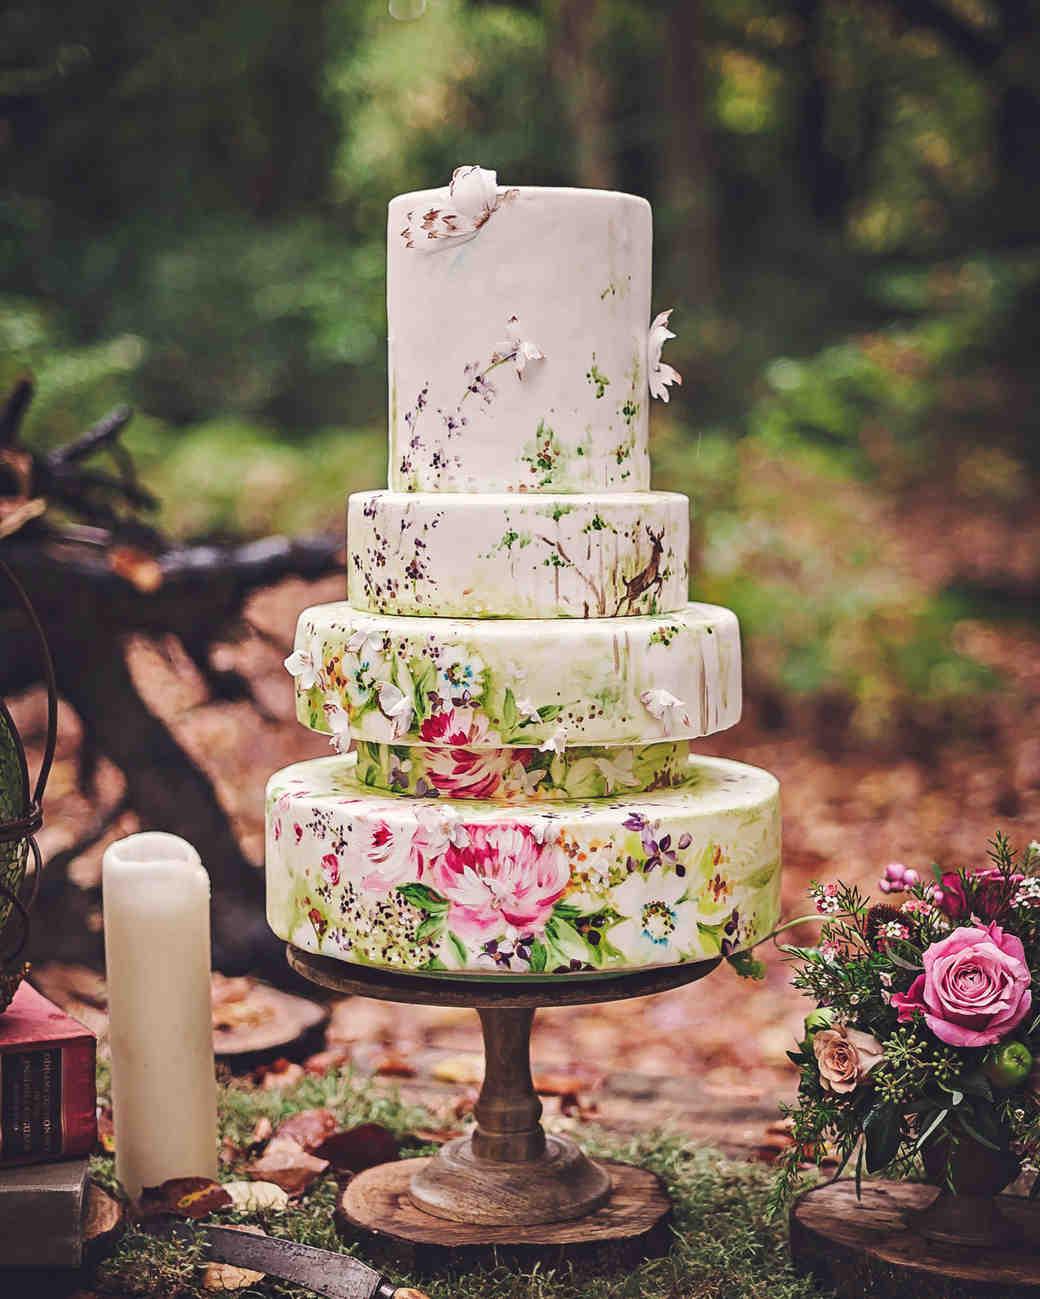 The Most Amazing Wedding Cakes Of 2013: 20 Amazing Fondant Wedding Cakes